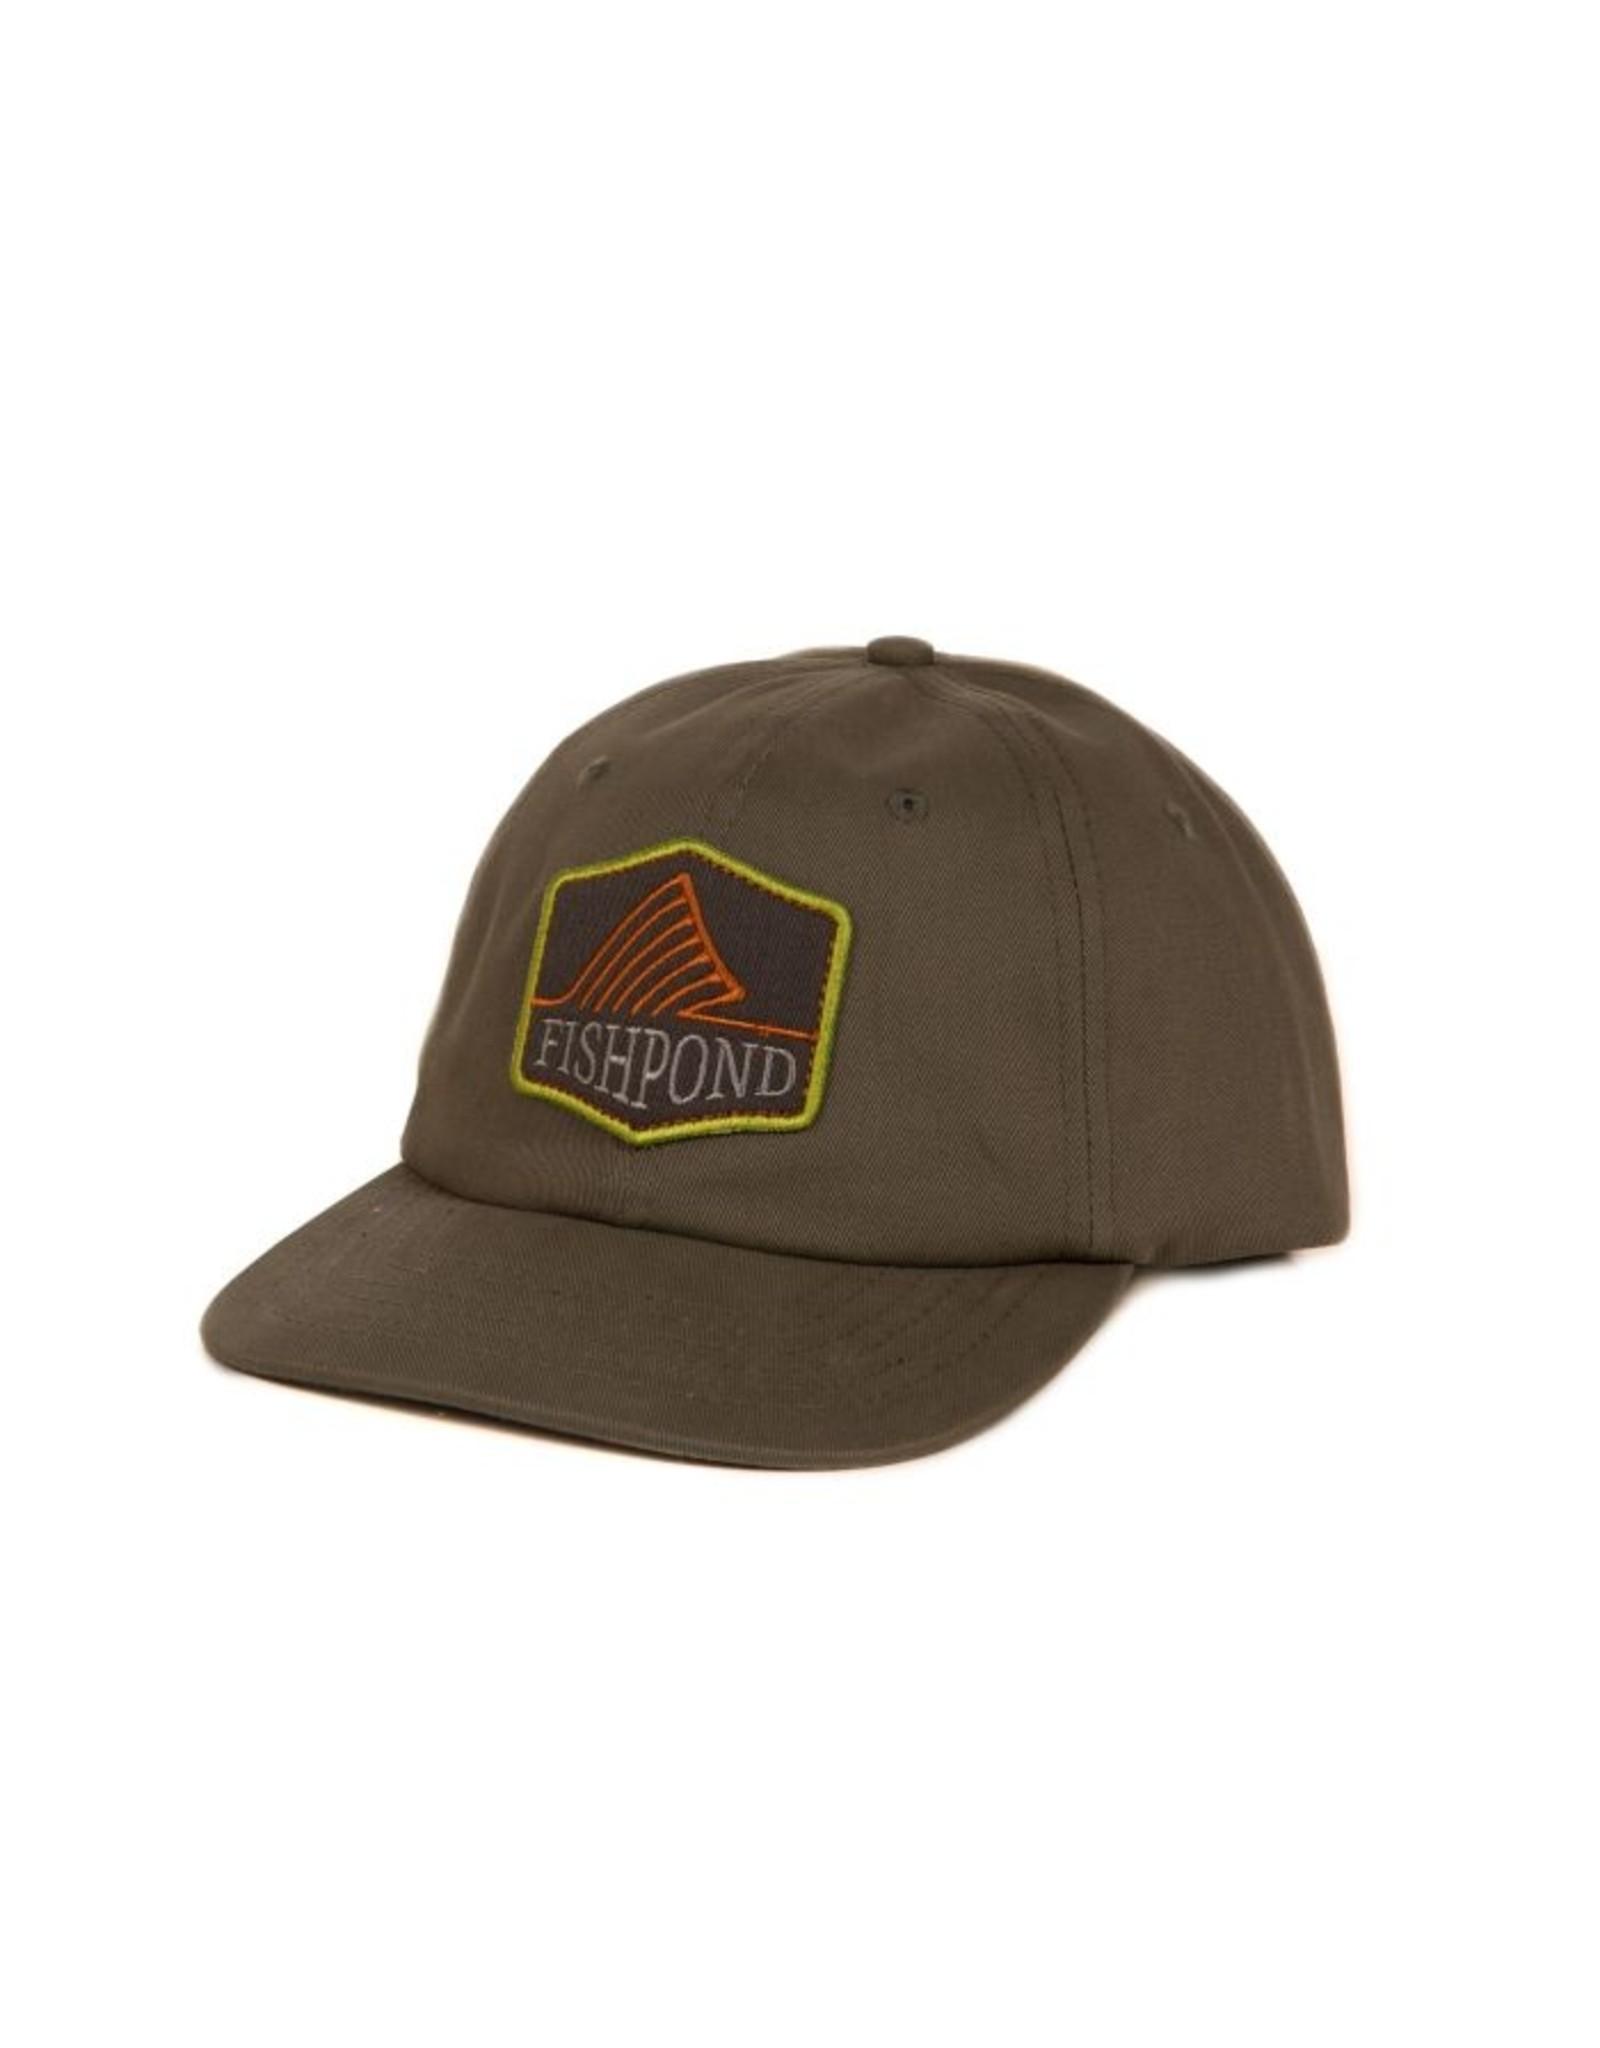 FISHPOND Fishpond Dorsal Fin - Moss - Full Back Hat